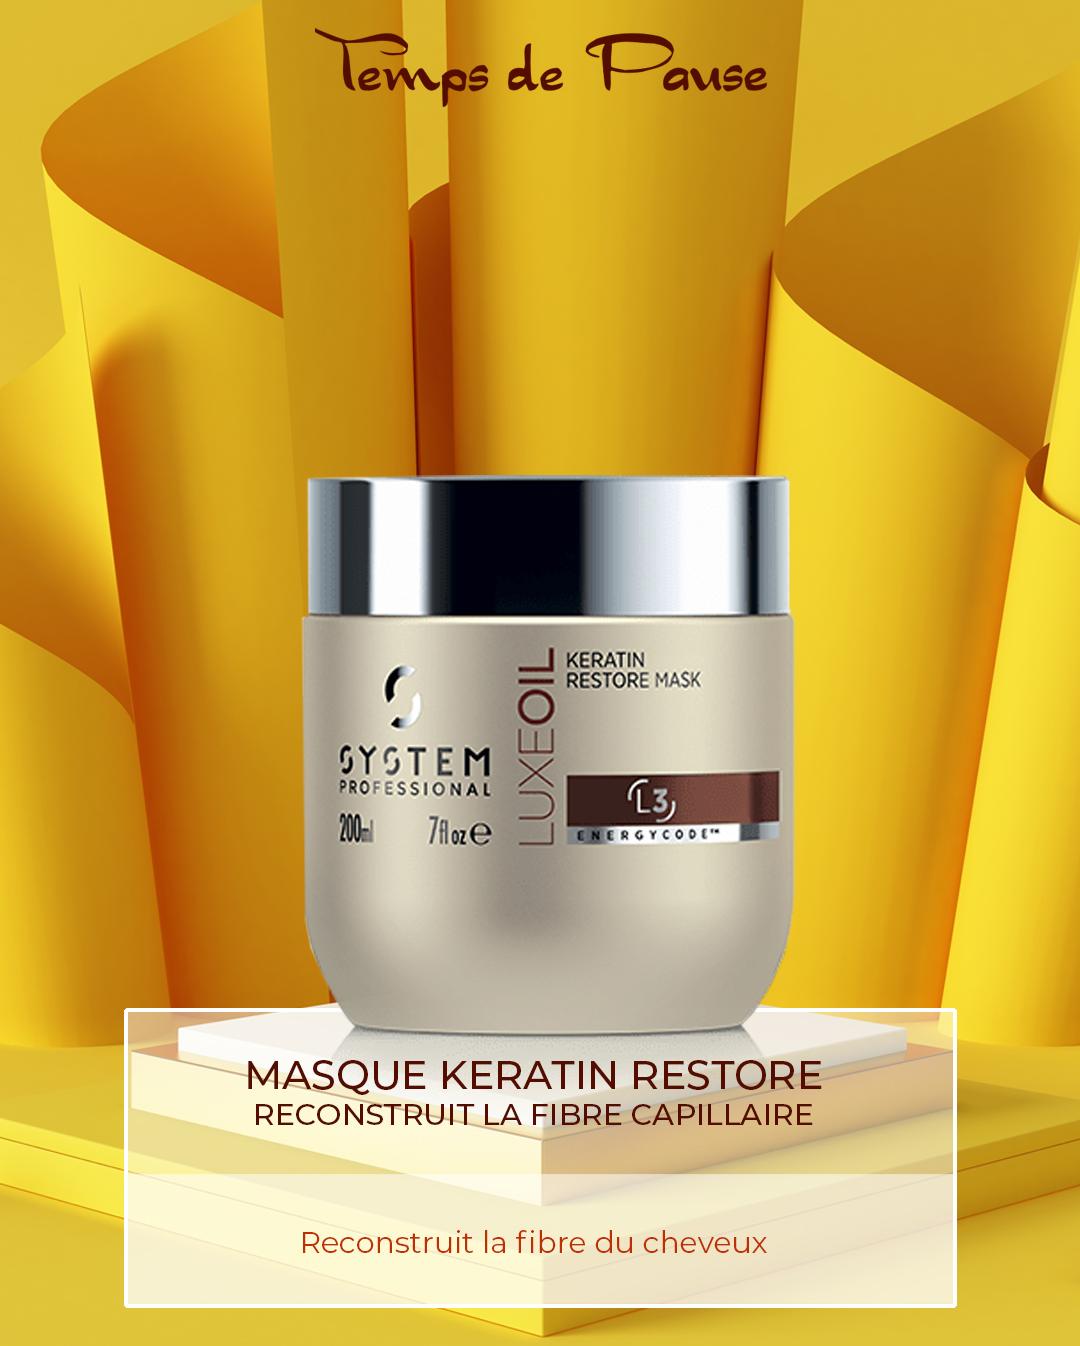 MASQUE Keratin Restore- Reconstruit la fibre capillaire